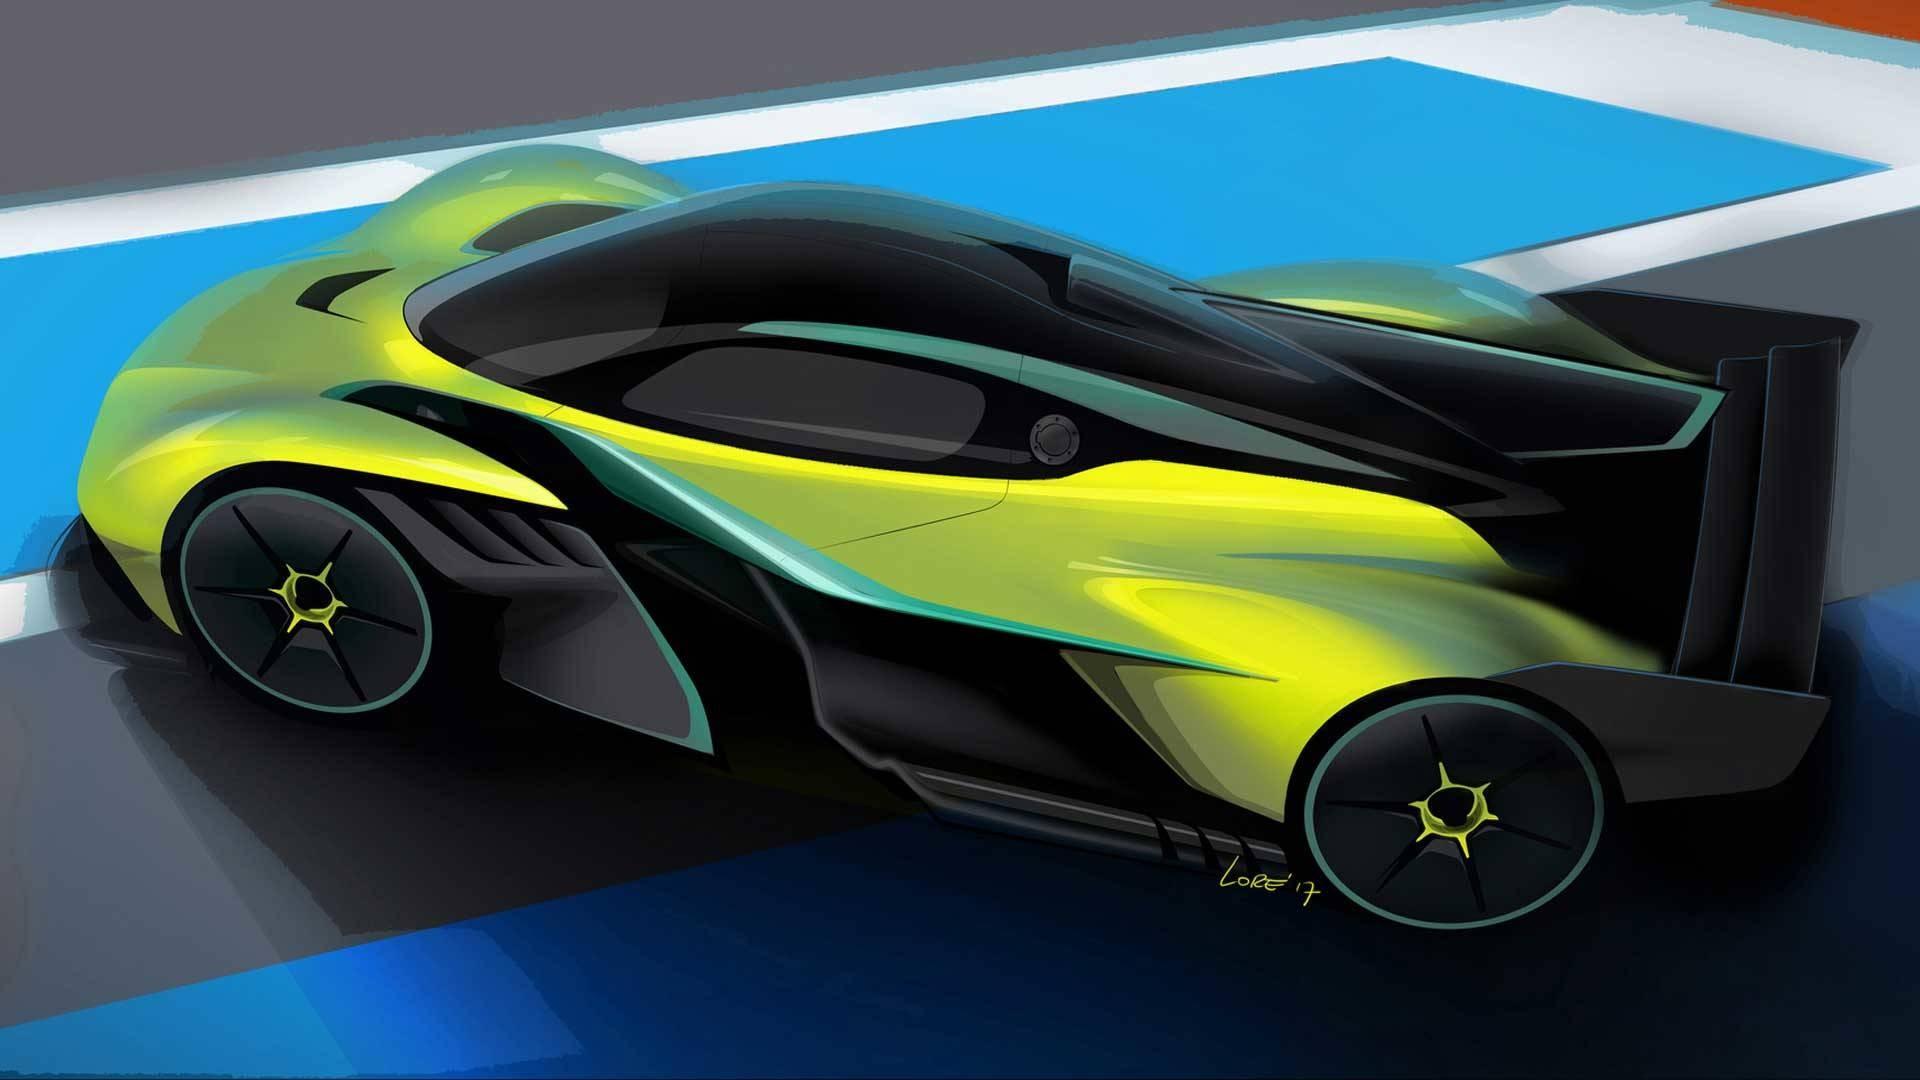 Астон Мартин представил гиперкар, имеющий характеристики болида Формулы-1